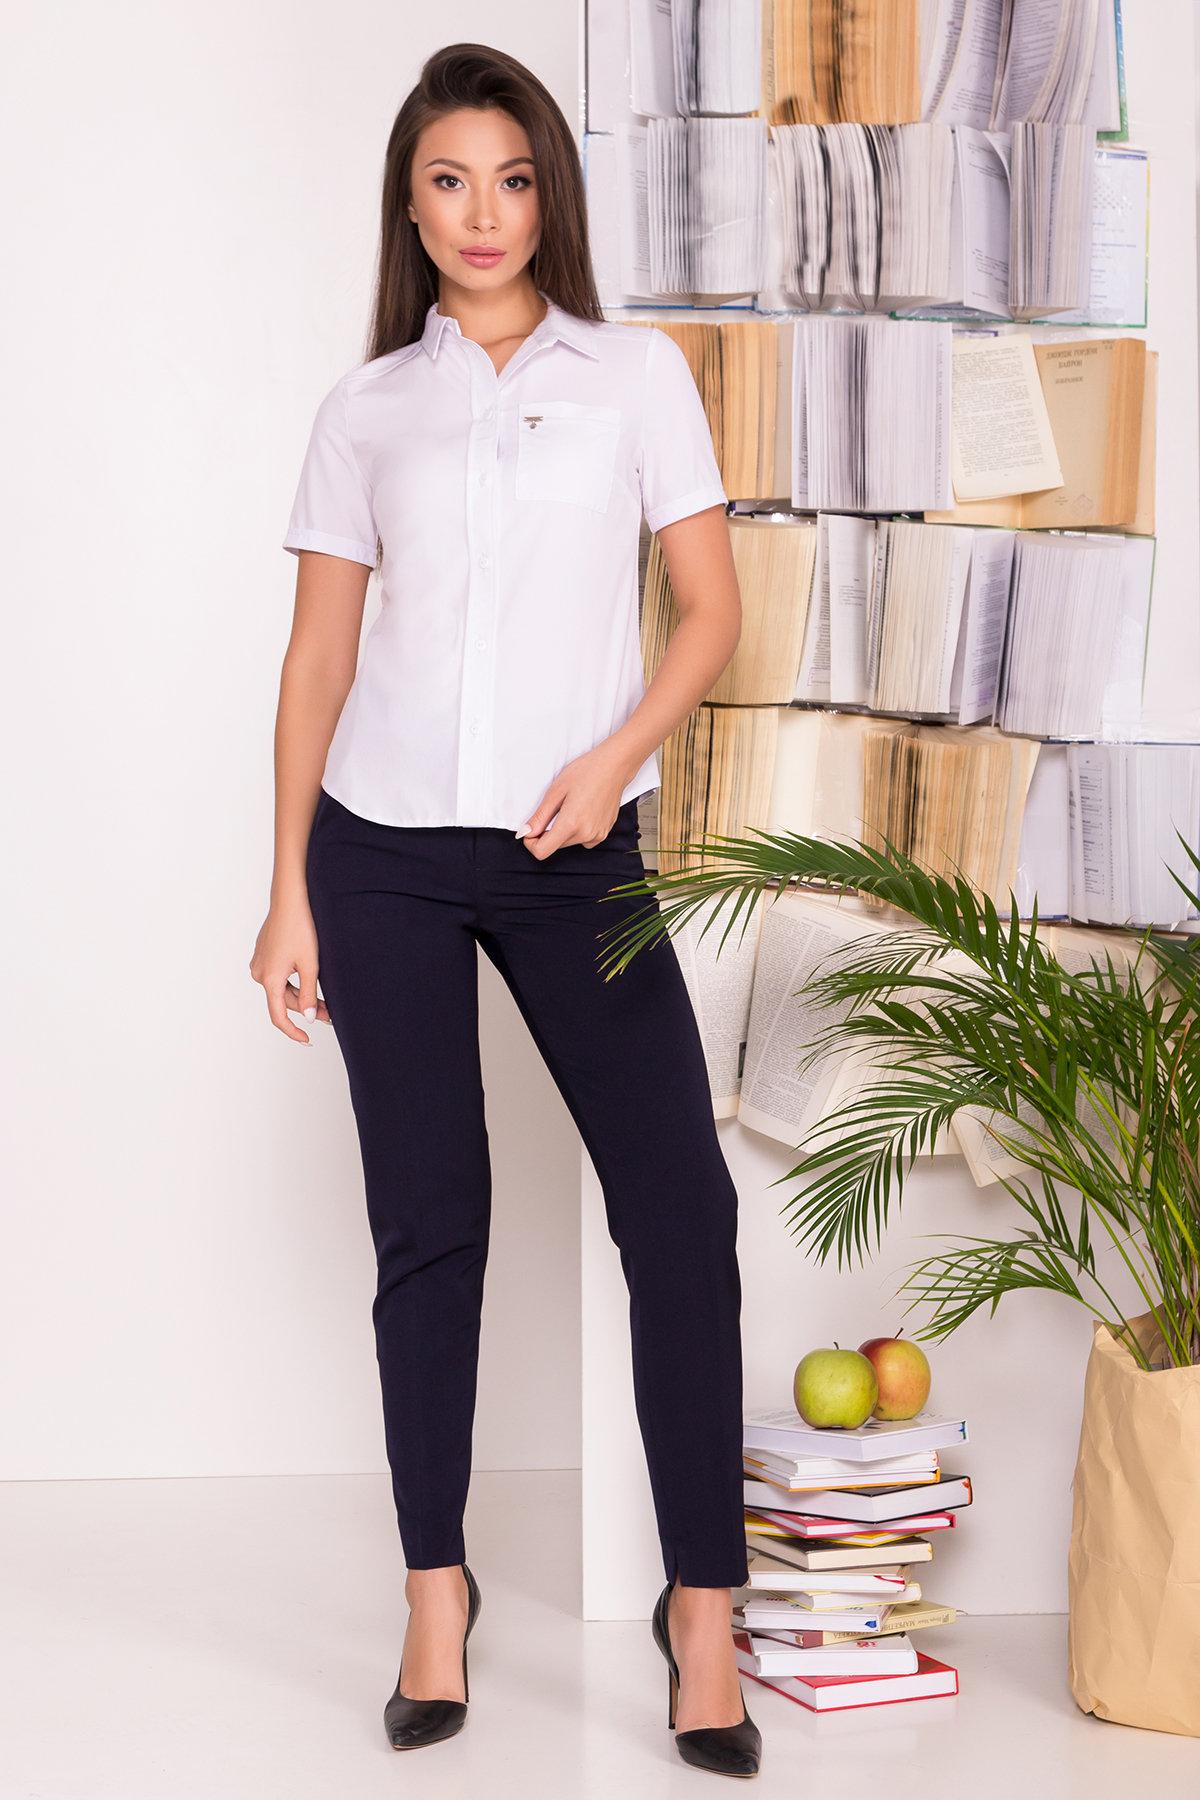 Блузы купить Украина Белая блузка с накладным карманом Дженна 5285